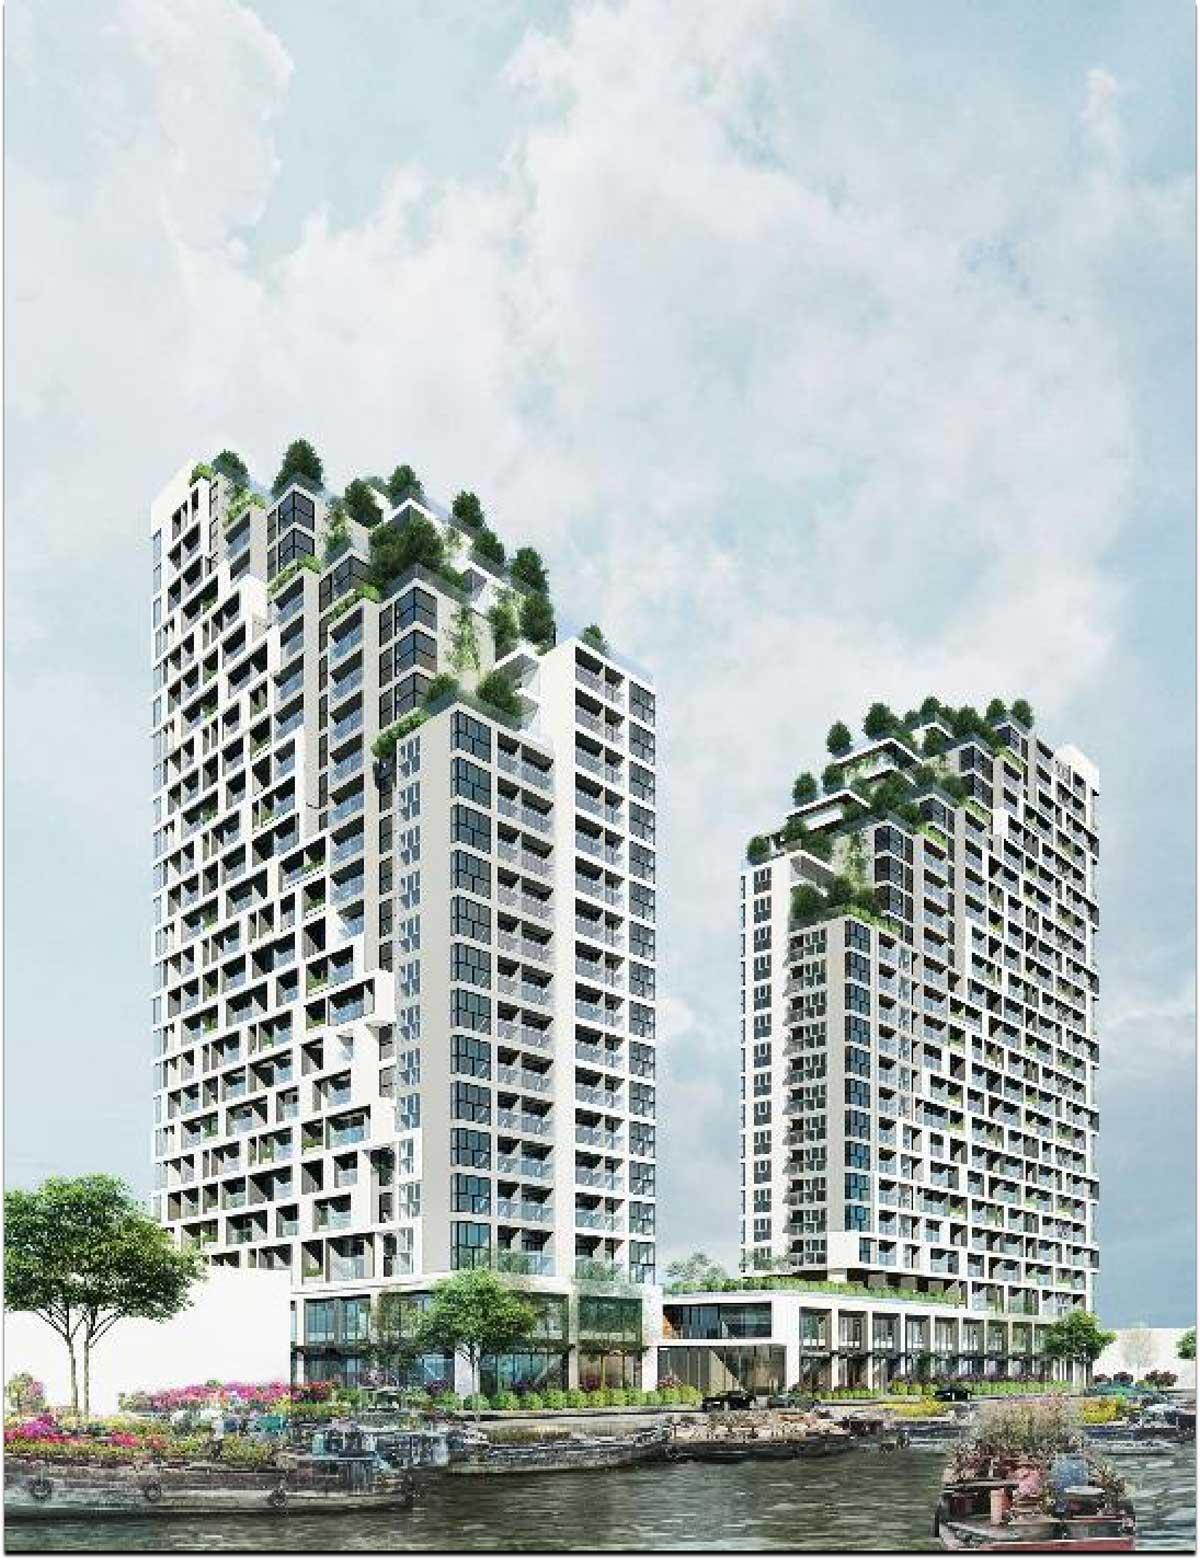 D Aqua là dự án bất động sản đầy tiềm năng